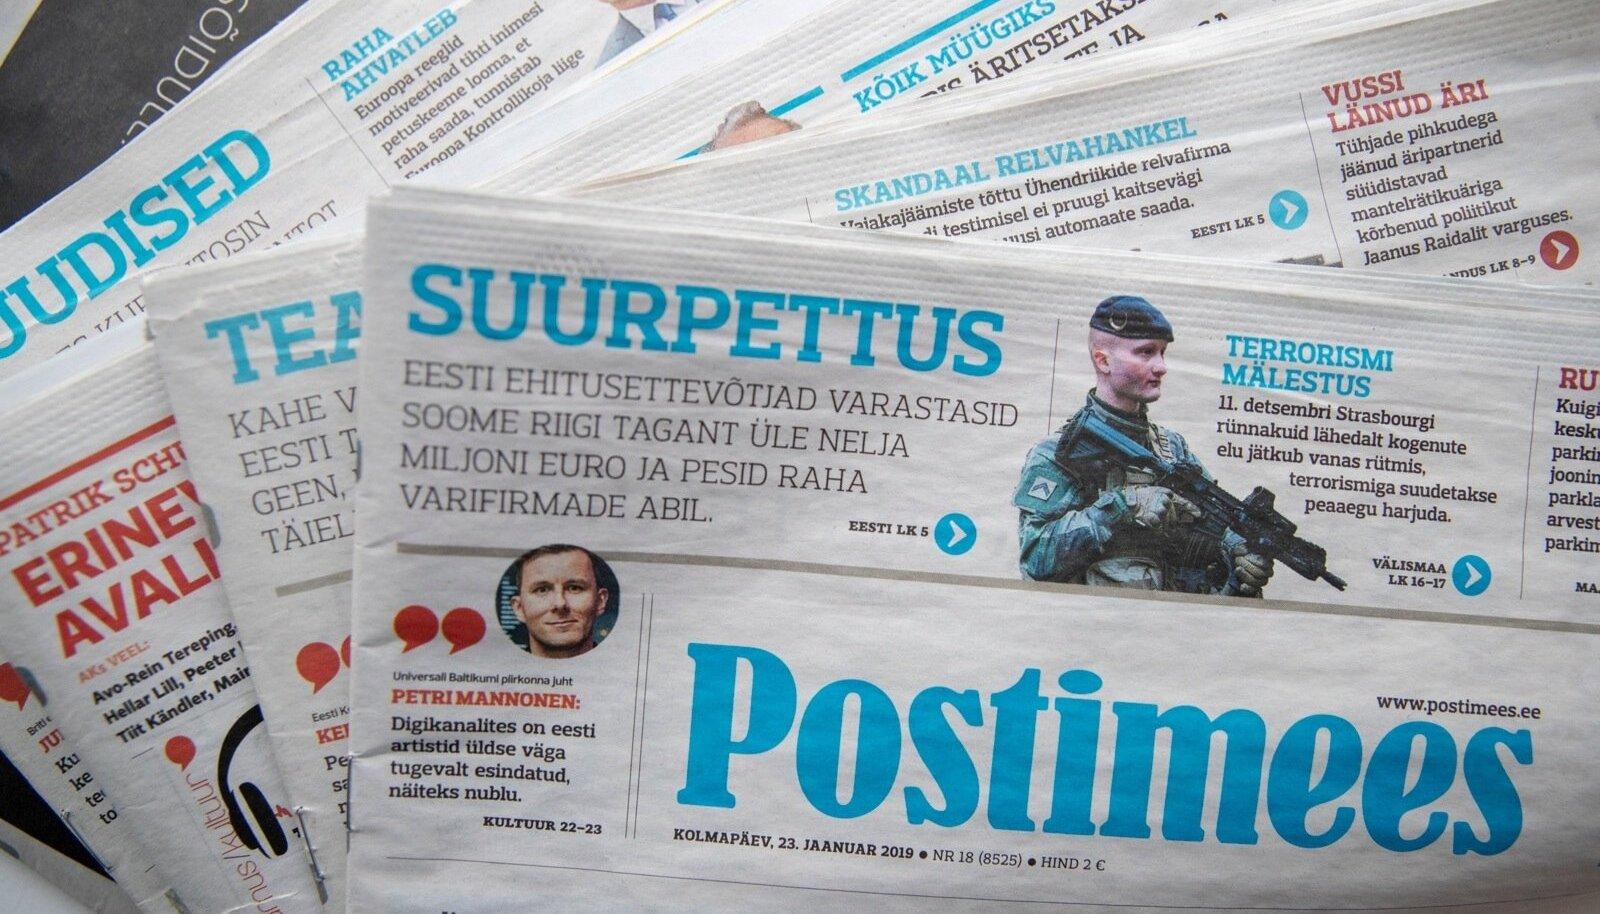 Postimees